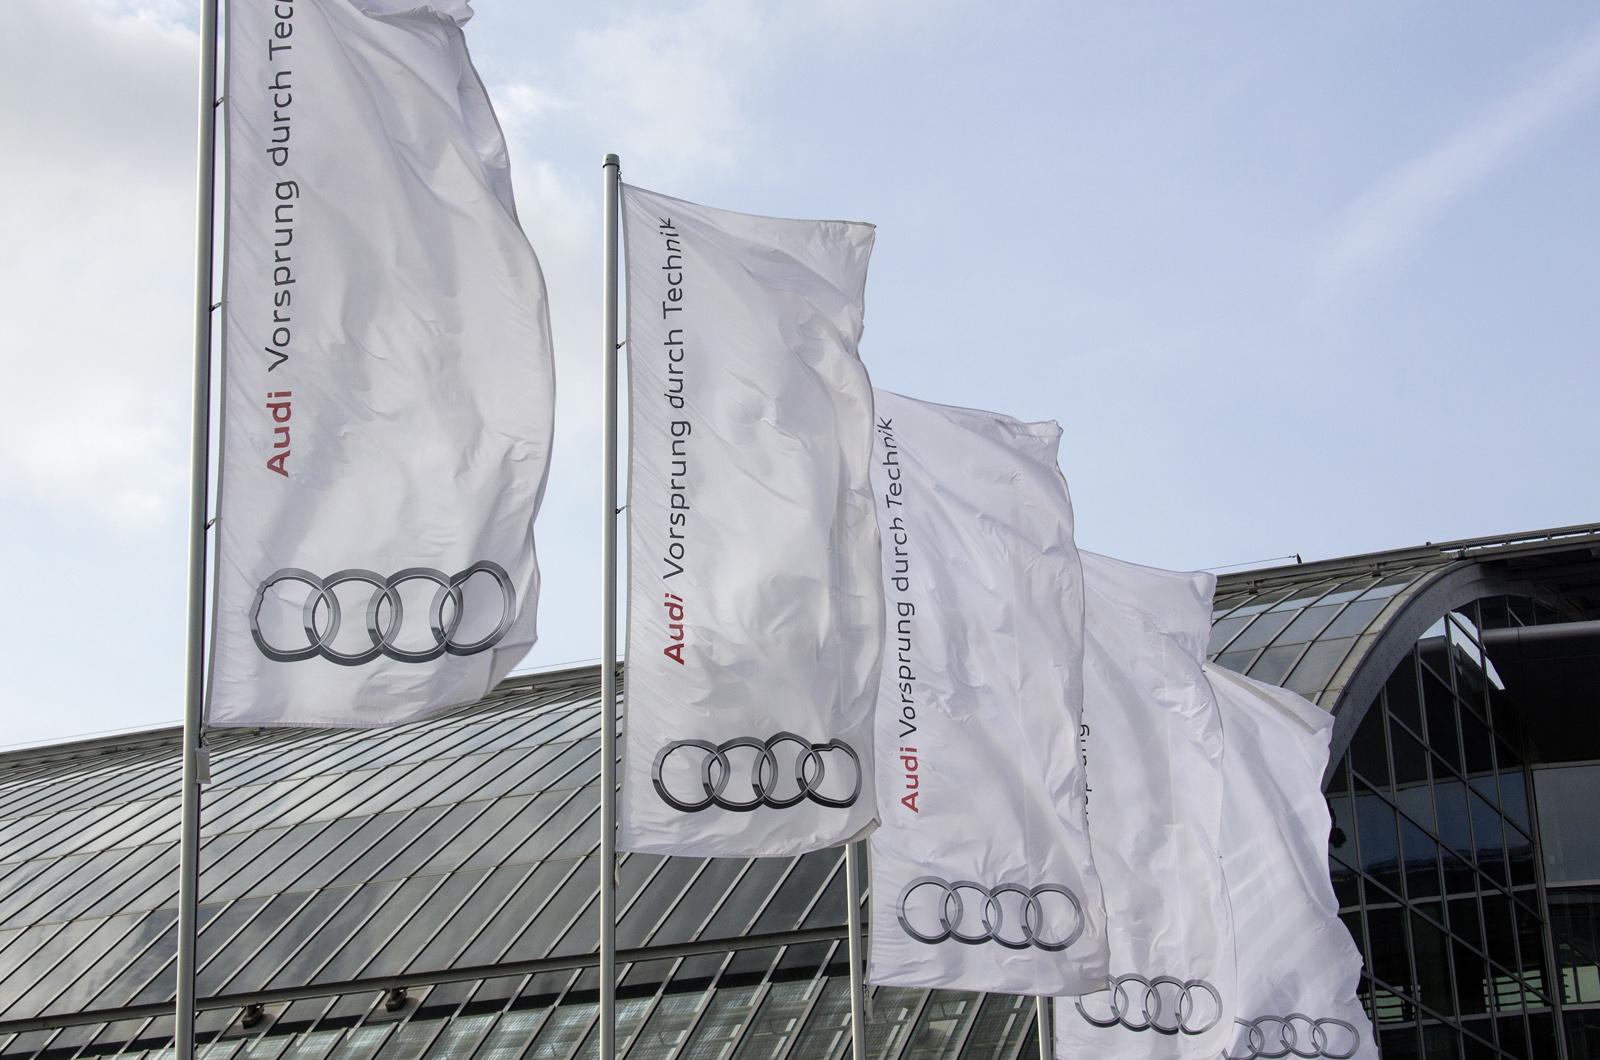 Audi останавливает поставки дизельного топлива A6 и A7 из-за неработоспособности программного обеспечения,